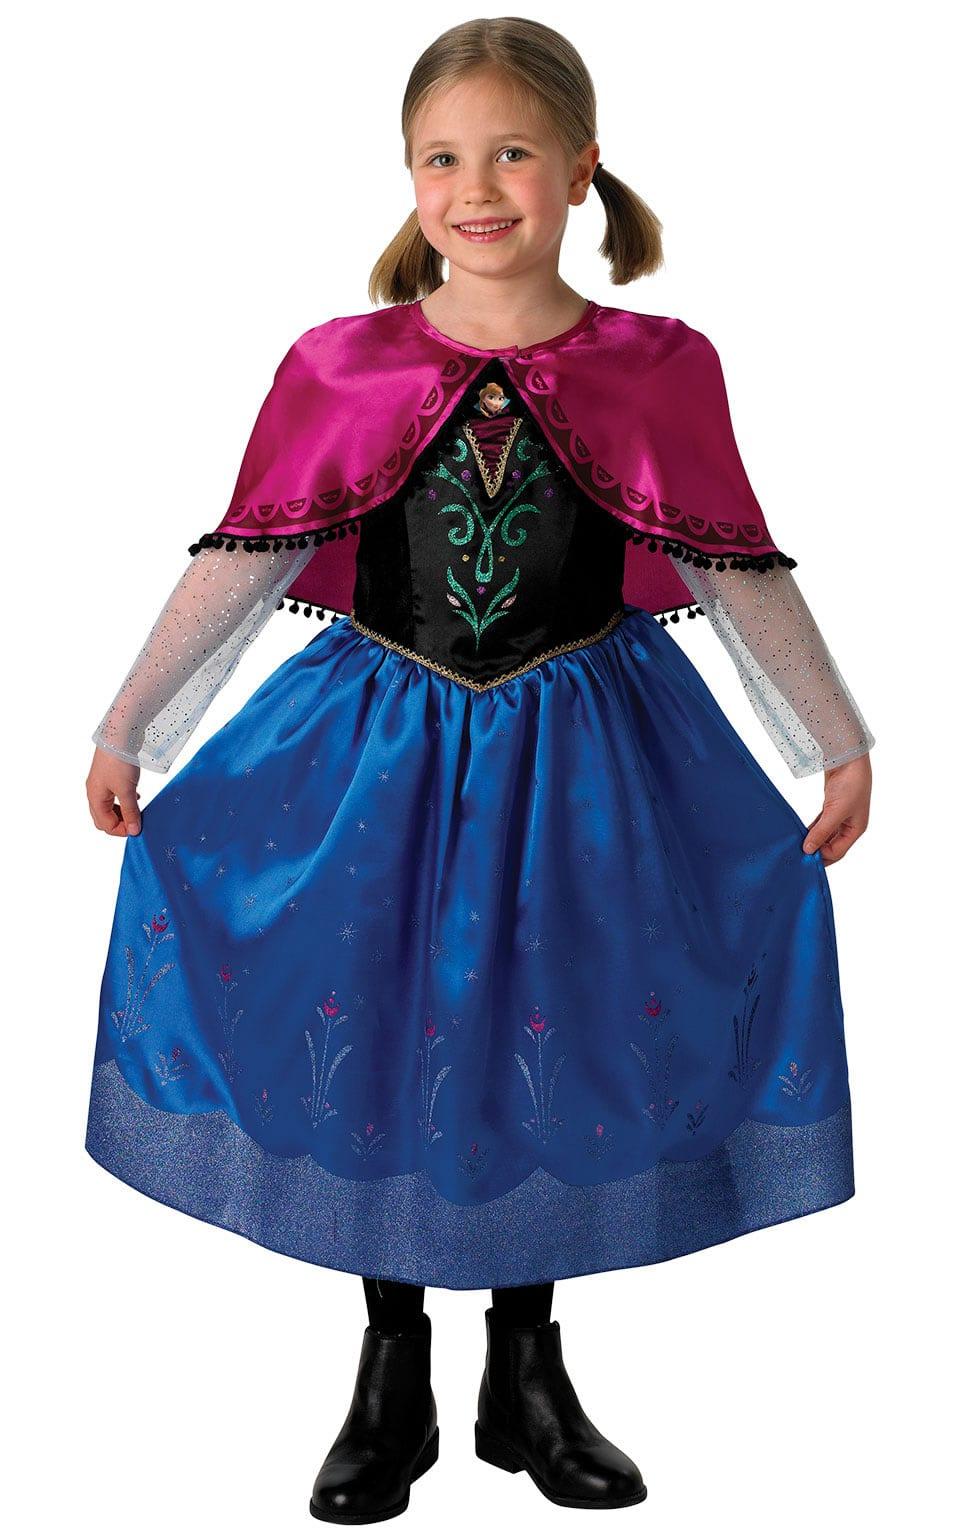 Disney's Frozen Anna Deluxe Children's Fancy Dress Costume